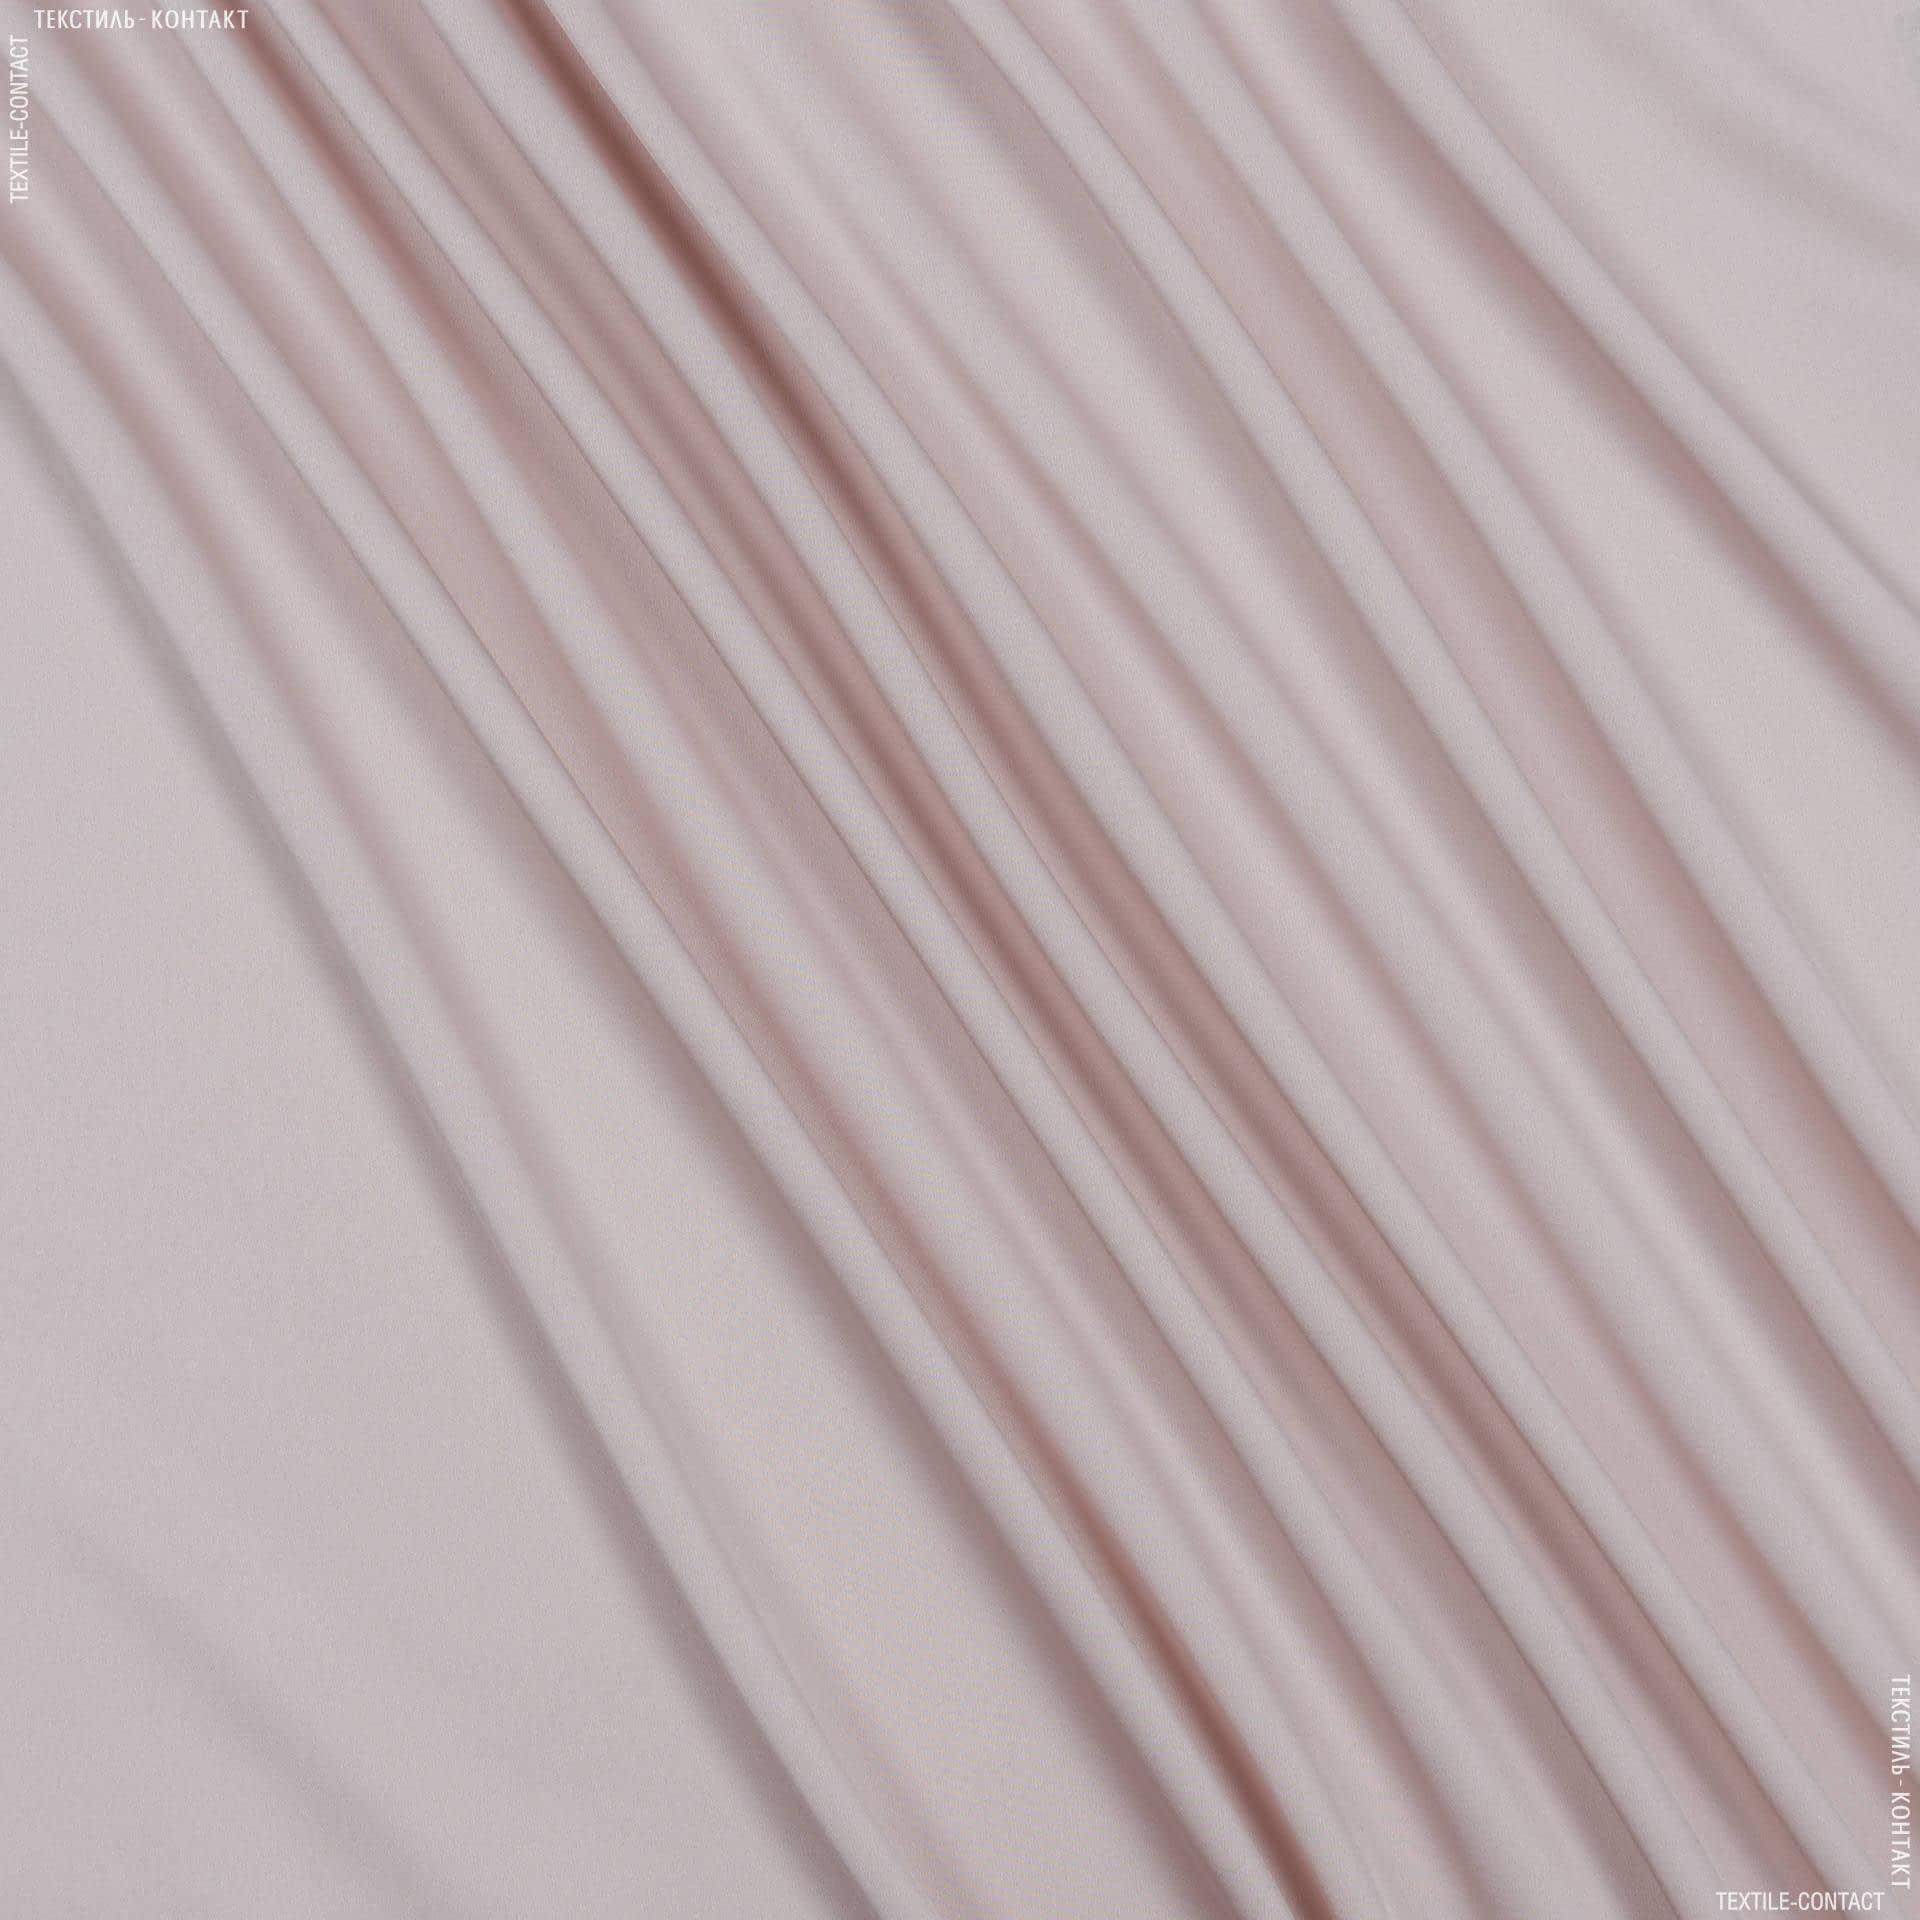 Ткани для платьев - Шелк стрейч матовый светло-персиковый